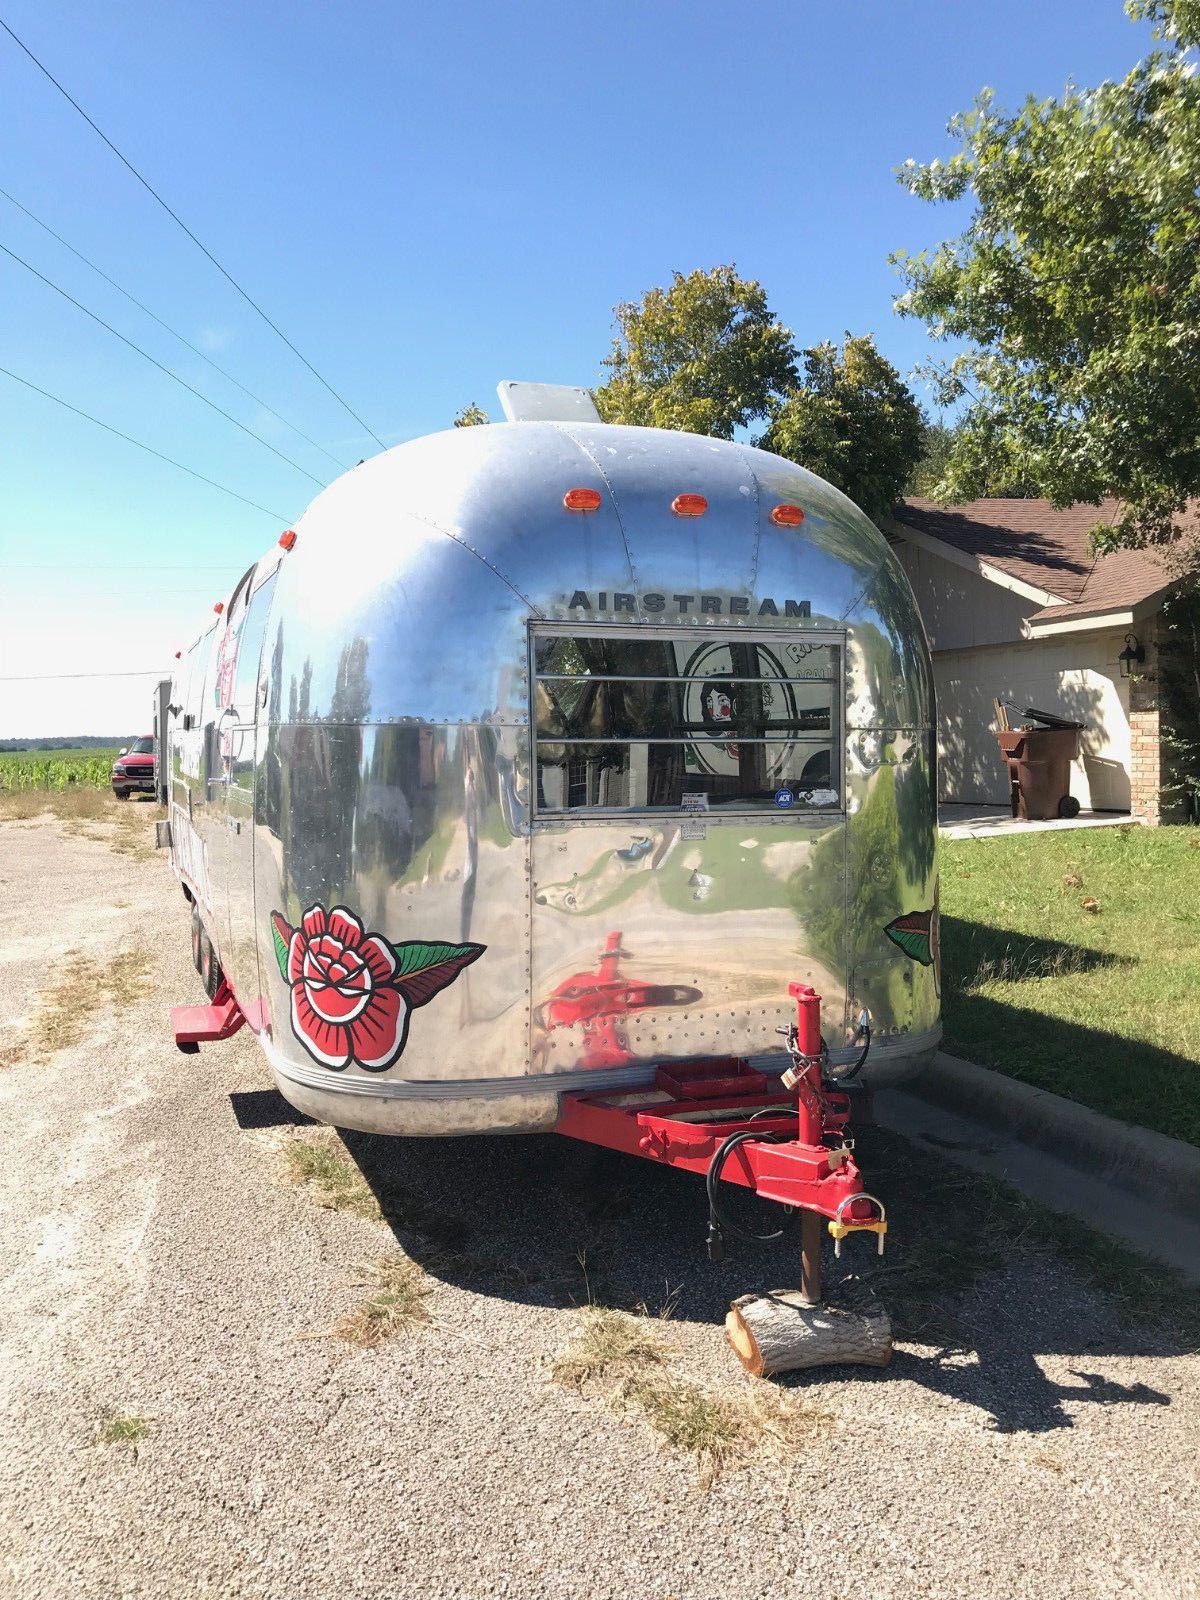 restored 1968 Airstream camper trailer for sale